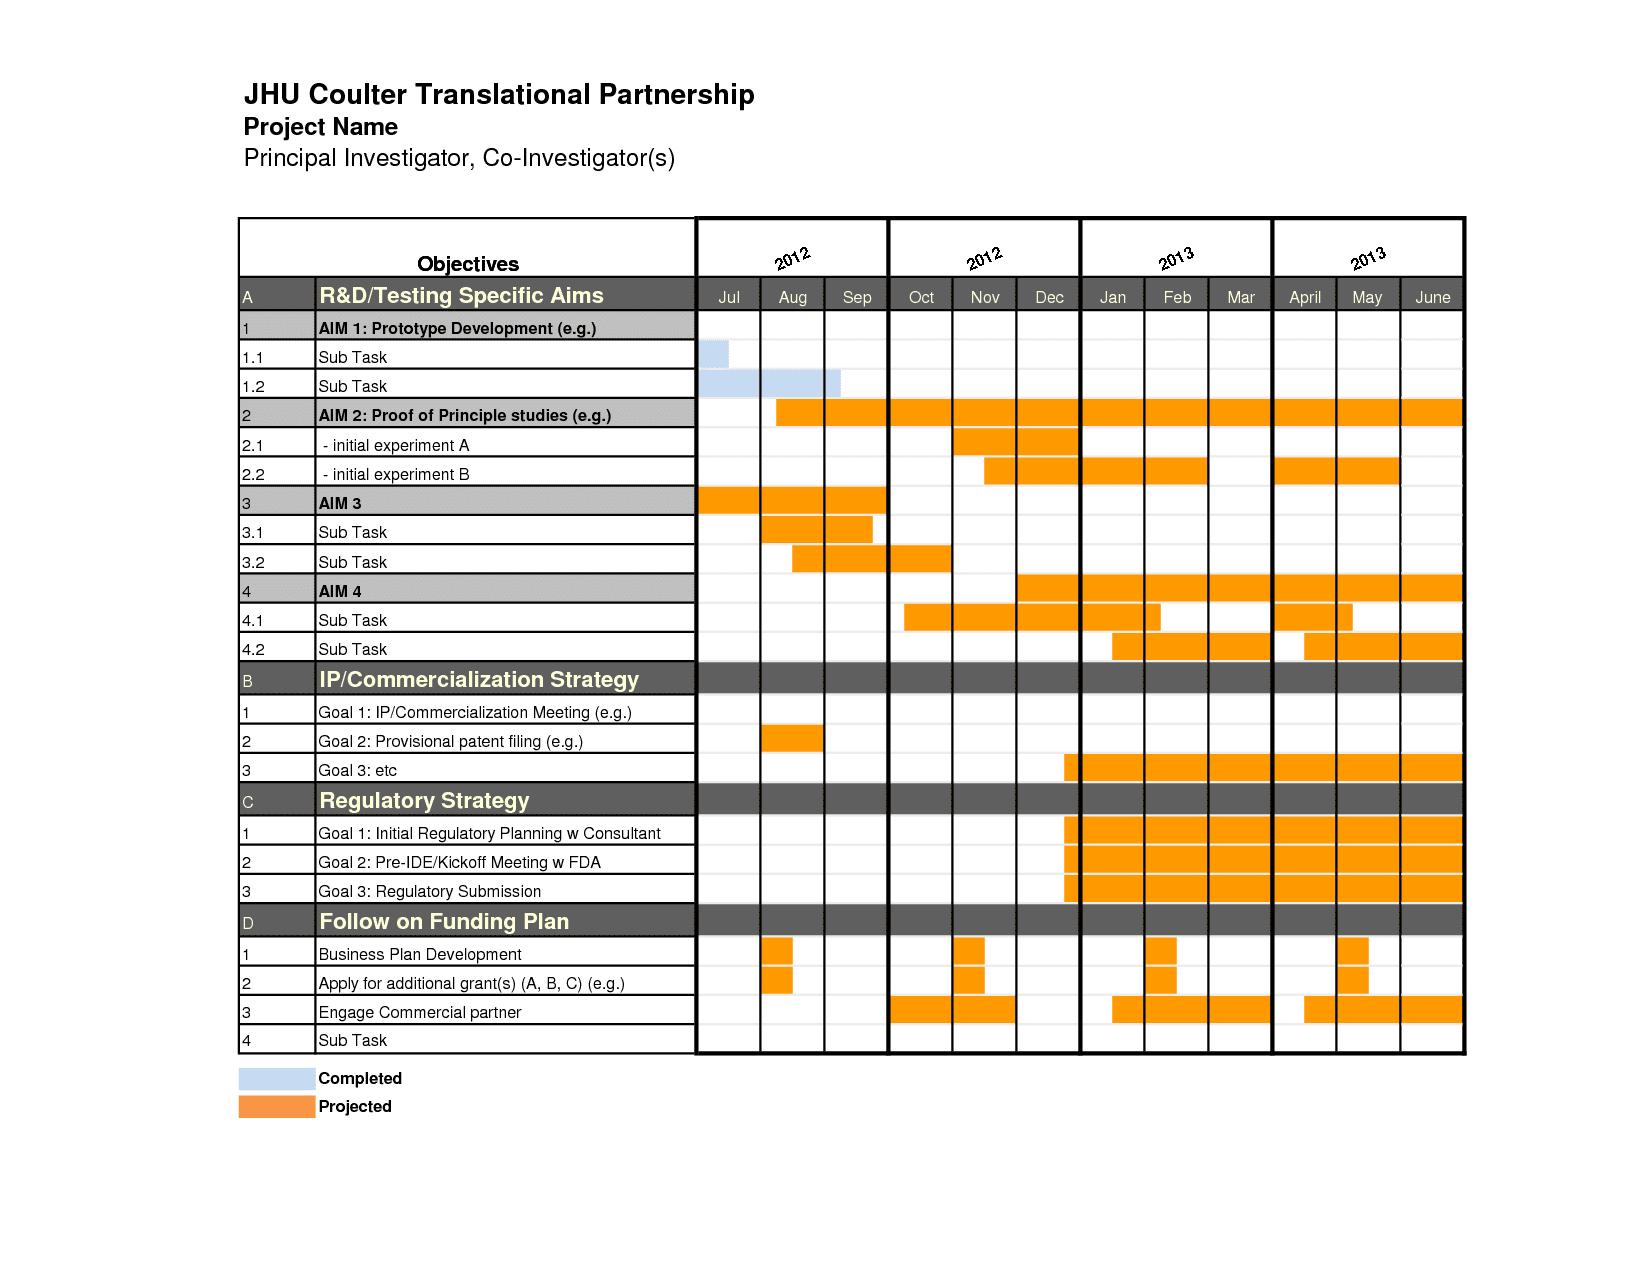 Excel Gantt Chart Template Conditional Formatting Excel Spreadsheet Gantt Chart Template Spreadsheet Templates for Busines Spreadsheet Templates for Busines Excel Gantt Chart Template With Dependencies